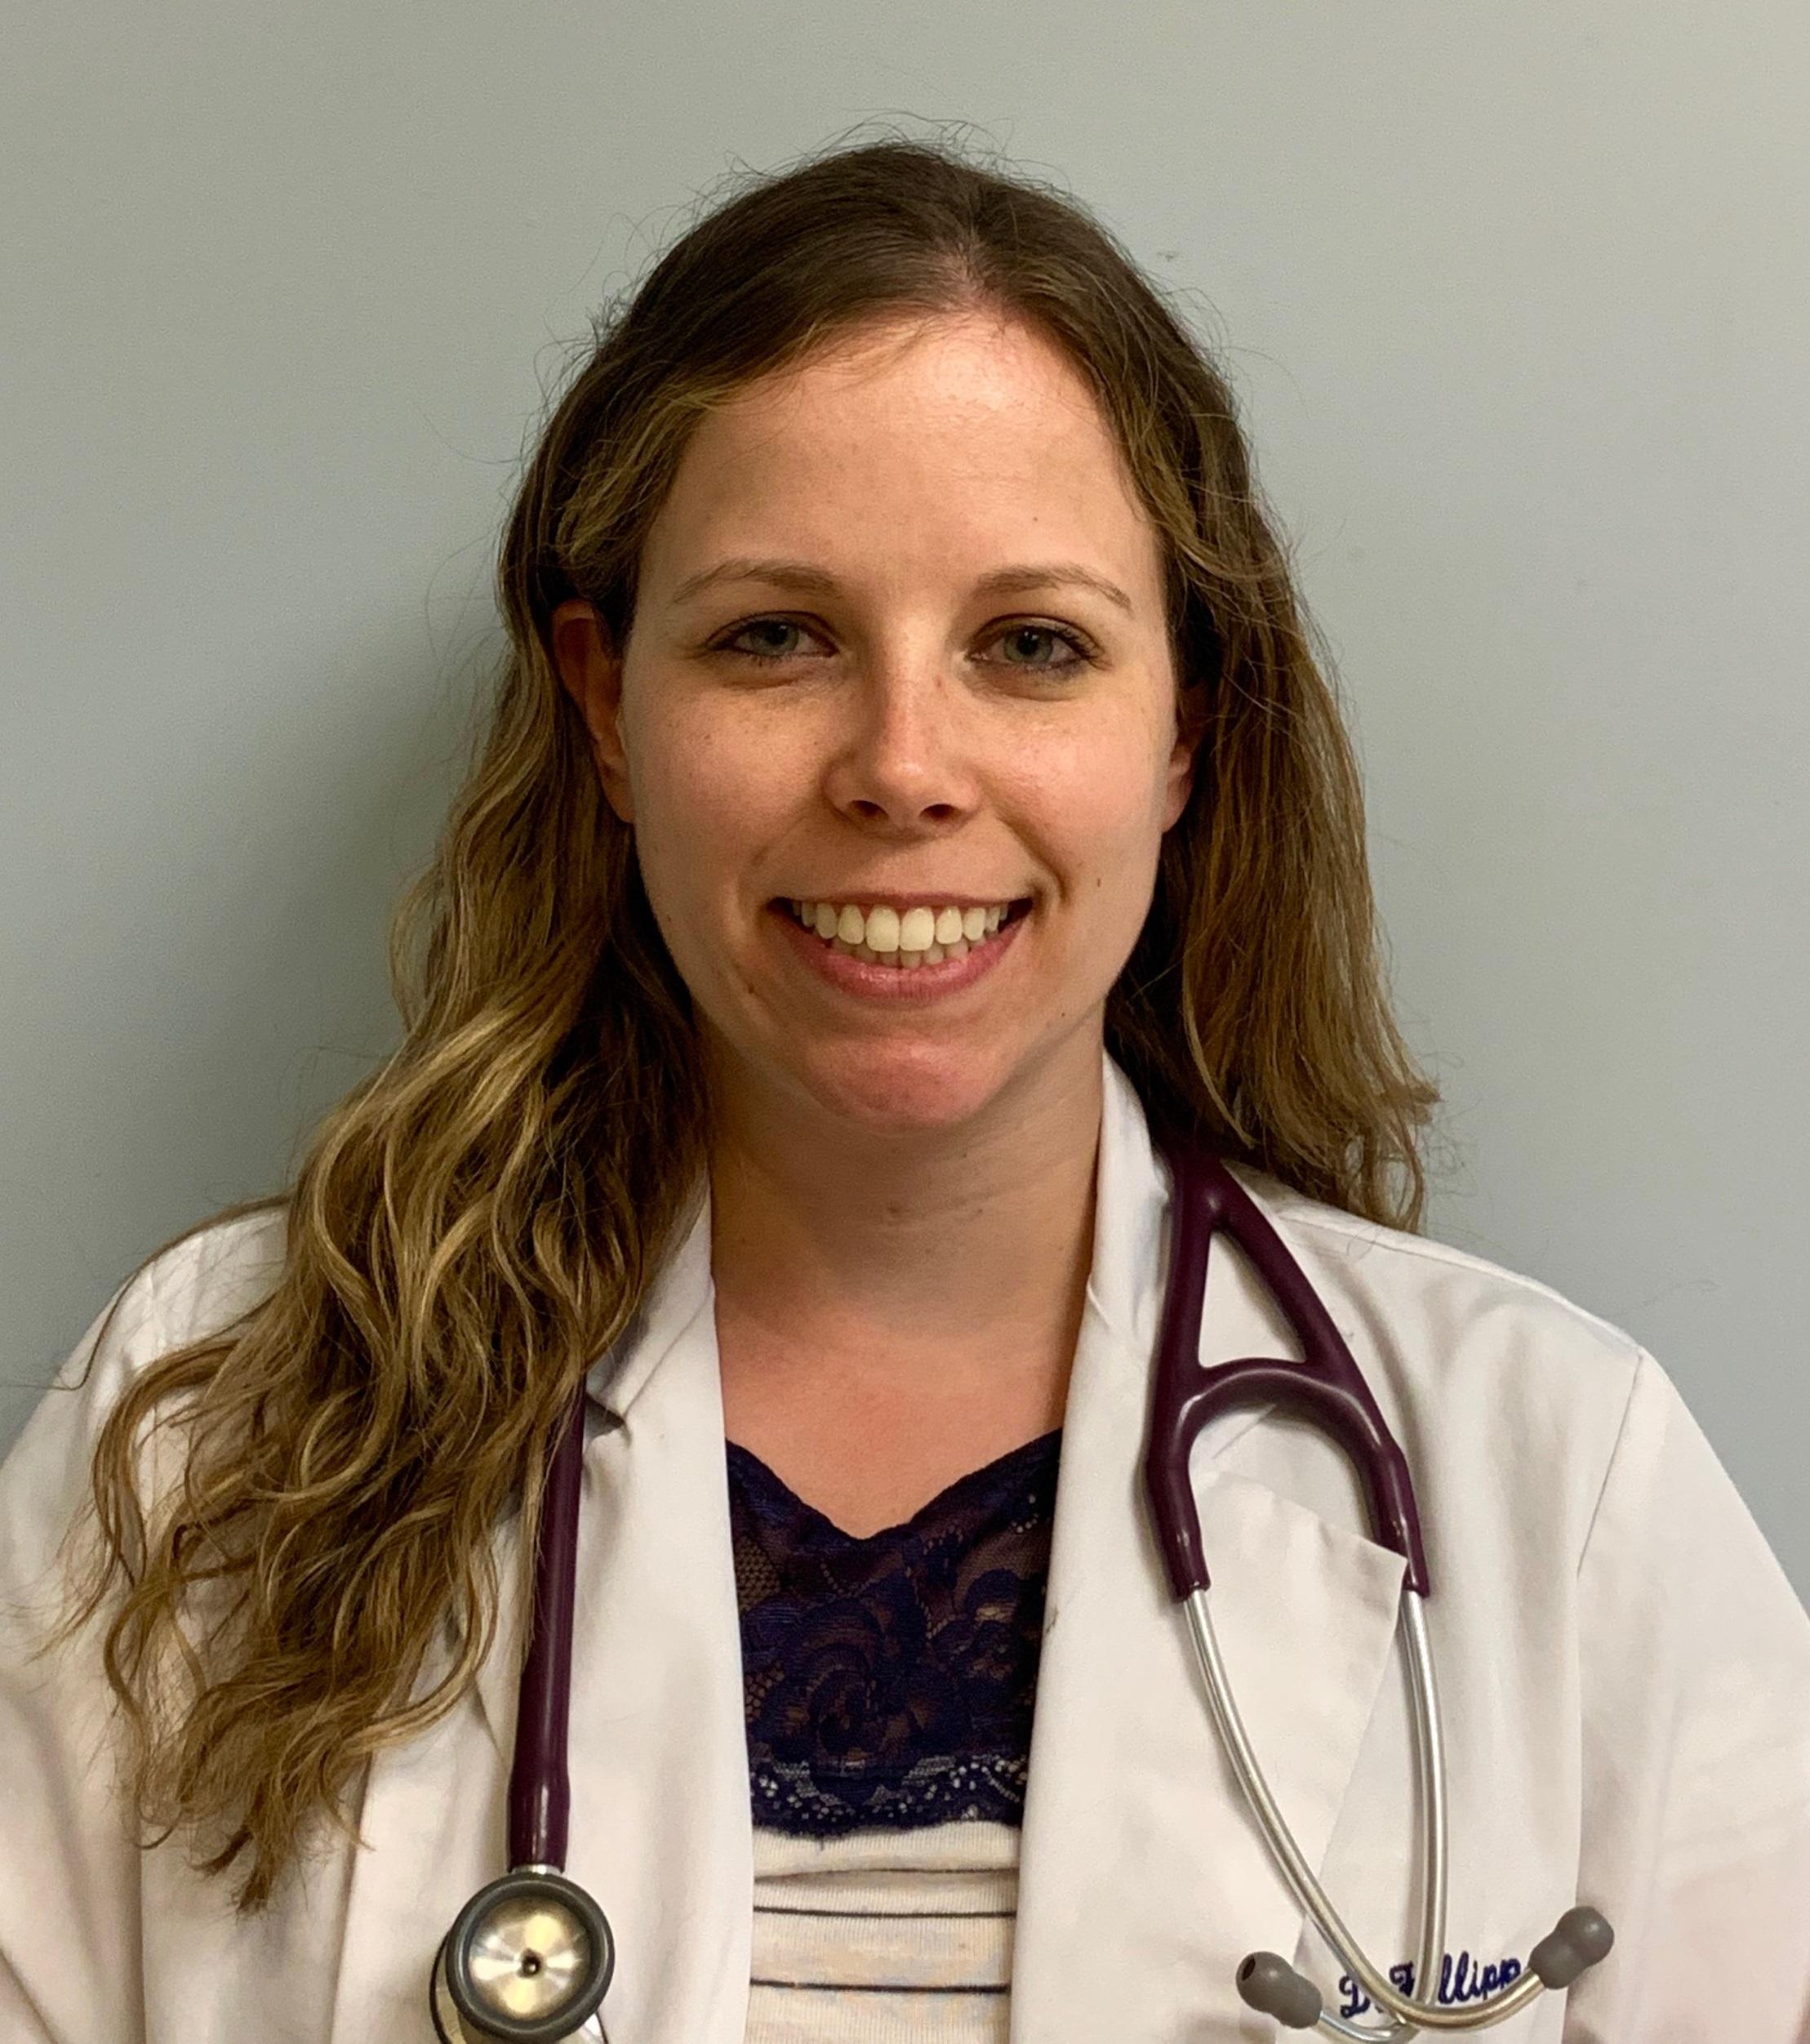 Dr. Jessica DiFillippo